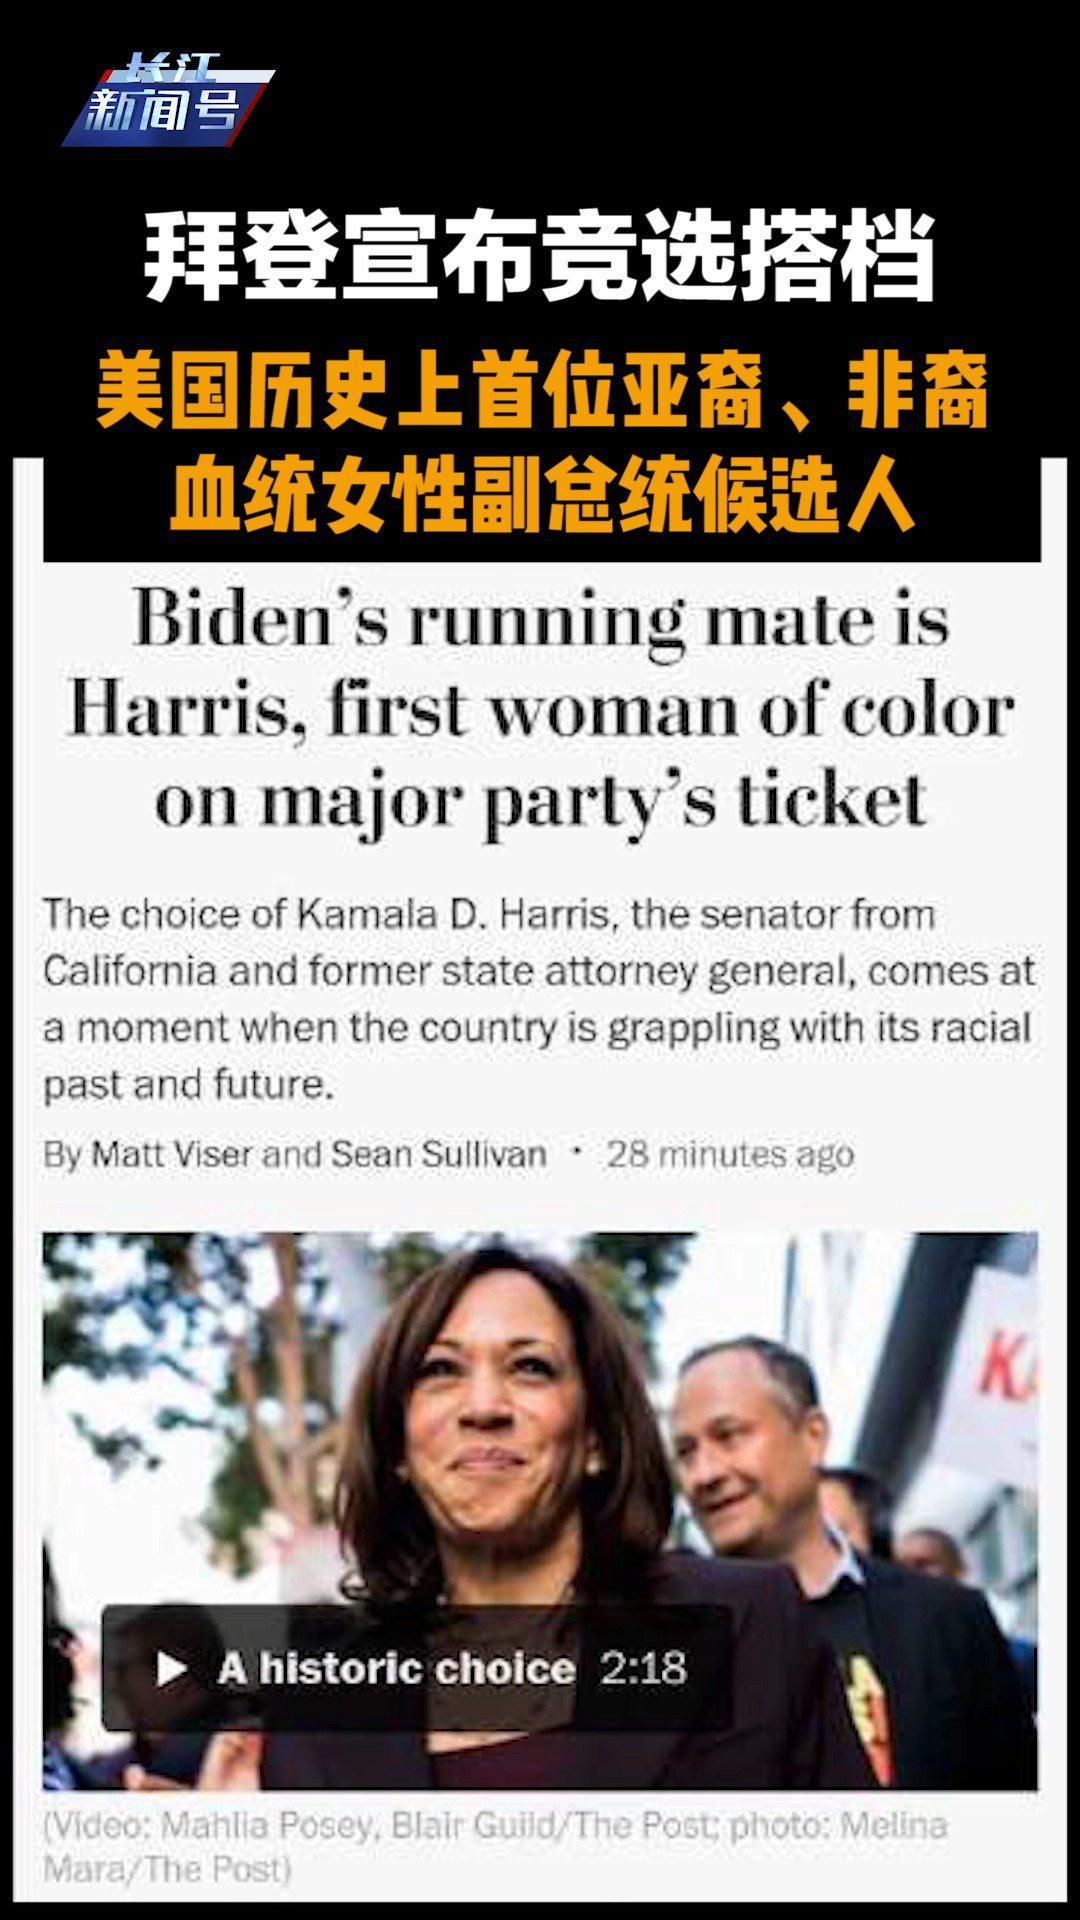 拜登宣布竞选搭档:加州参议员哈里斯……